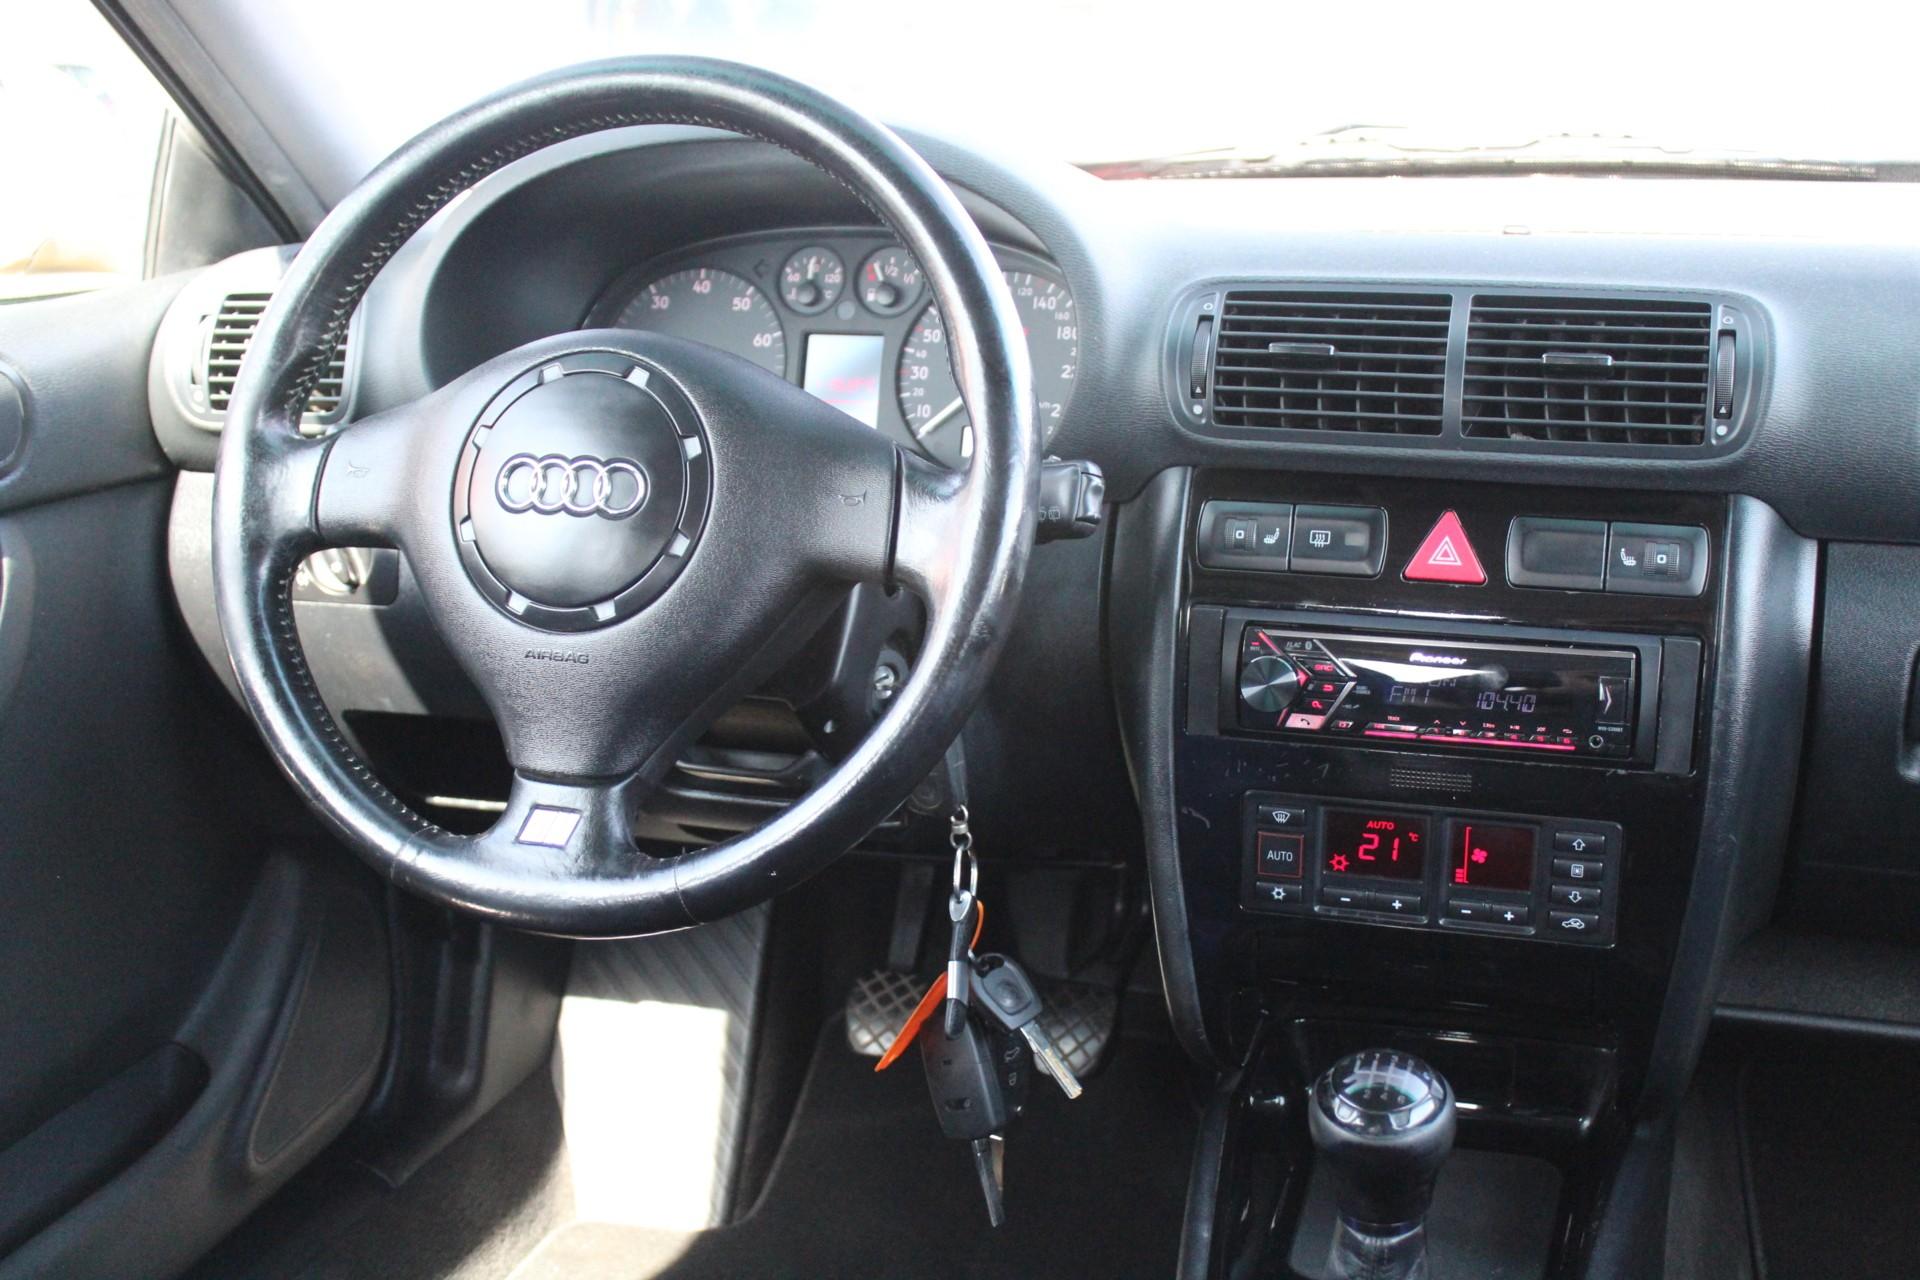 Caroutlet Groningen - Audi S3 1.8T 225PK | NIEUWSTAAT | RVS UITLAAT | LEDER/ALCANTARA